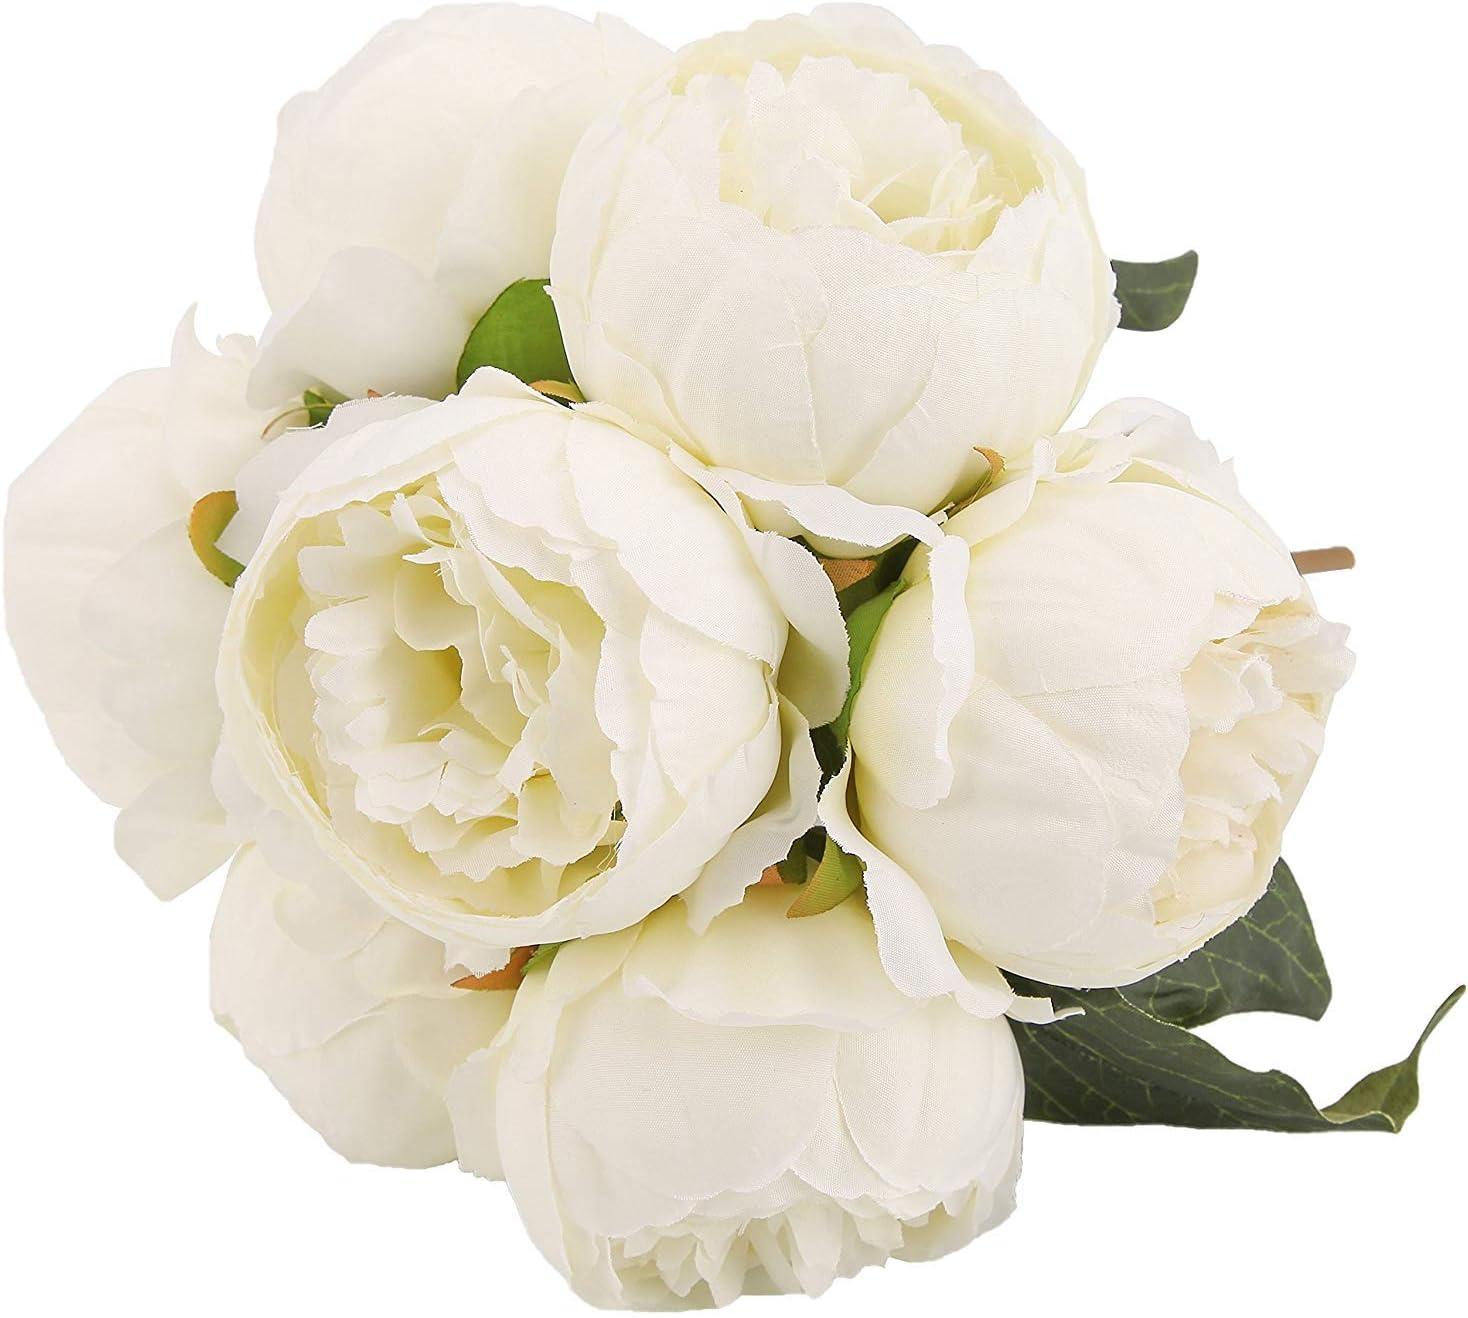 Louiesya Artificial Fake Flowers Peony Plants Silk Flower Arrangements Wedding Bouquets Decorations Plastic Floral Table Centerpieces Home Kitchen Garden Party Décor, White